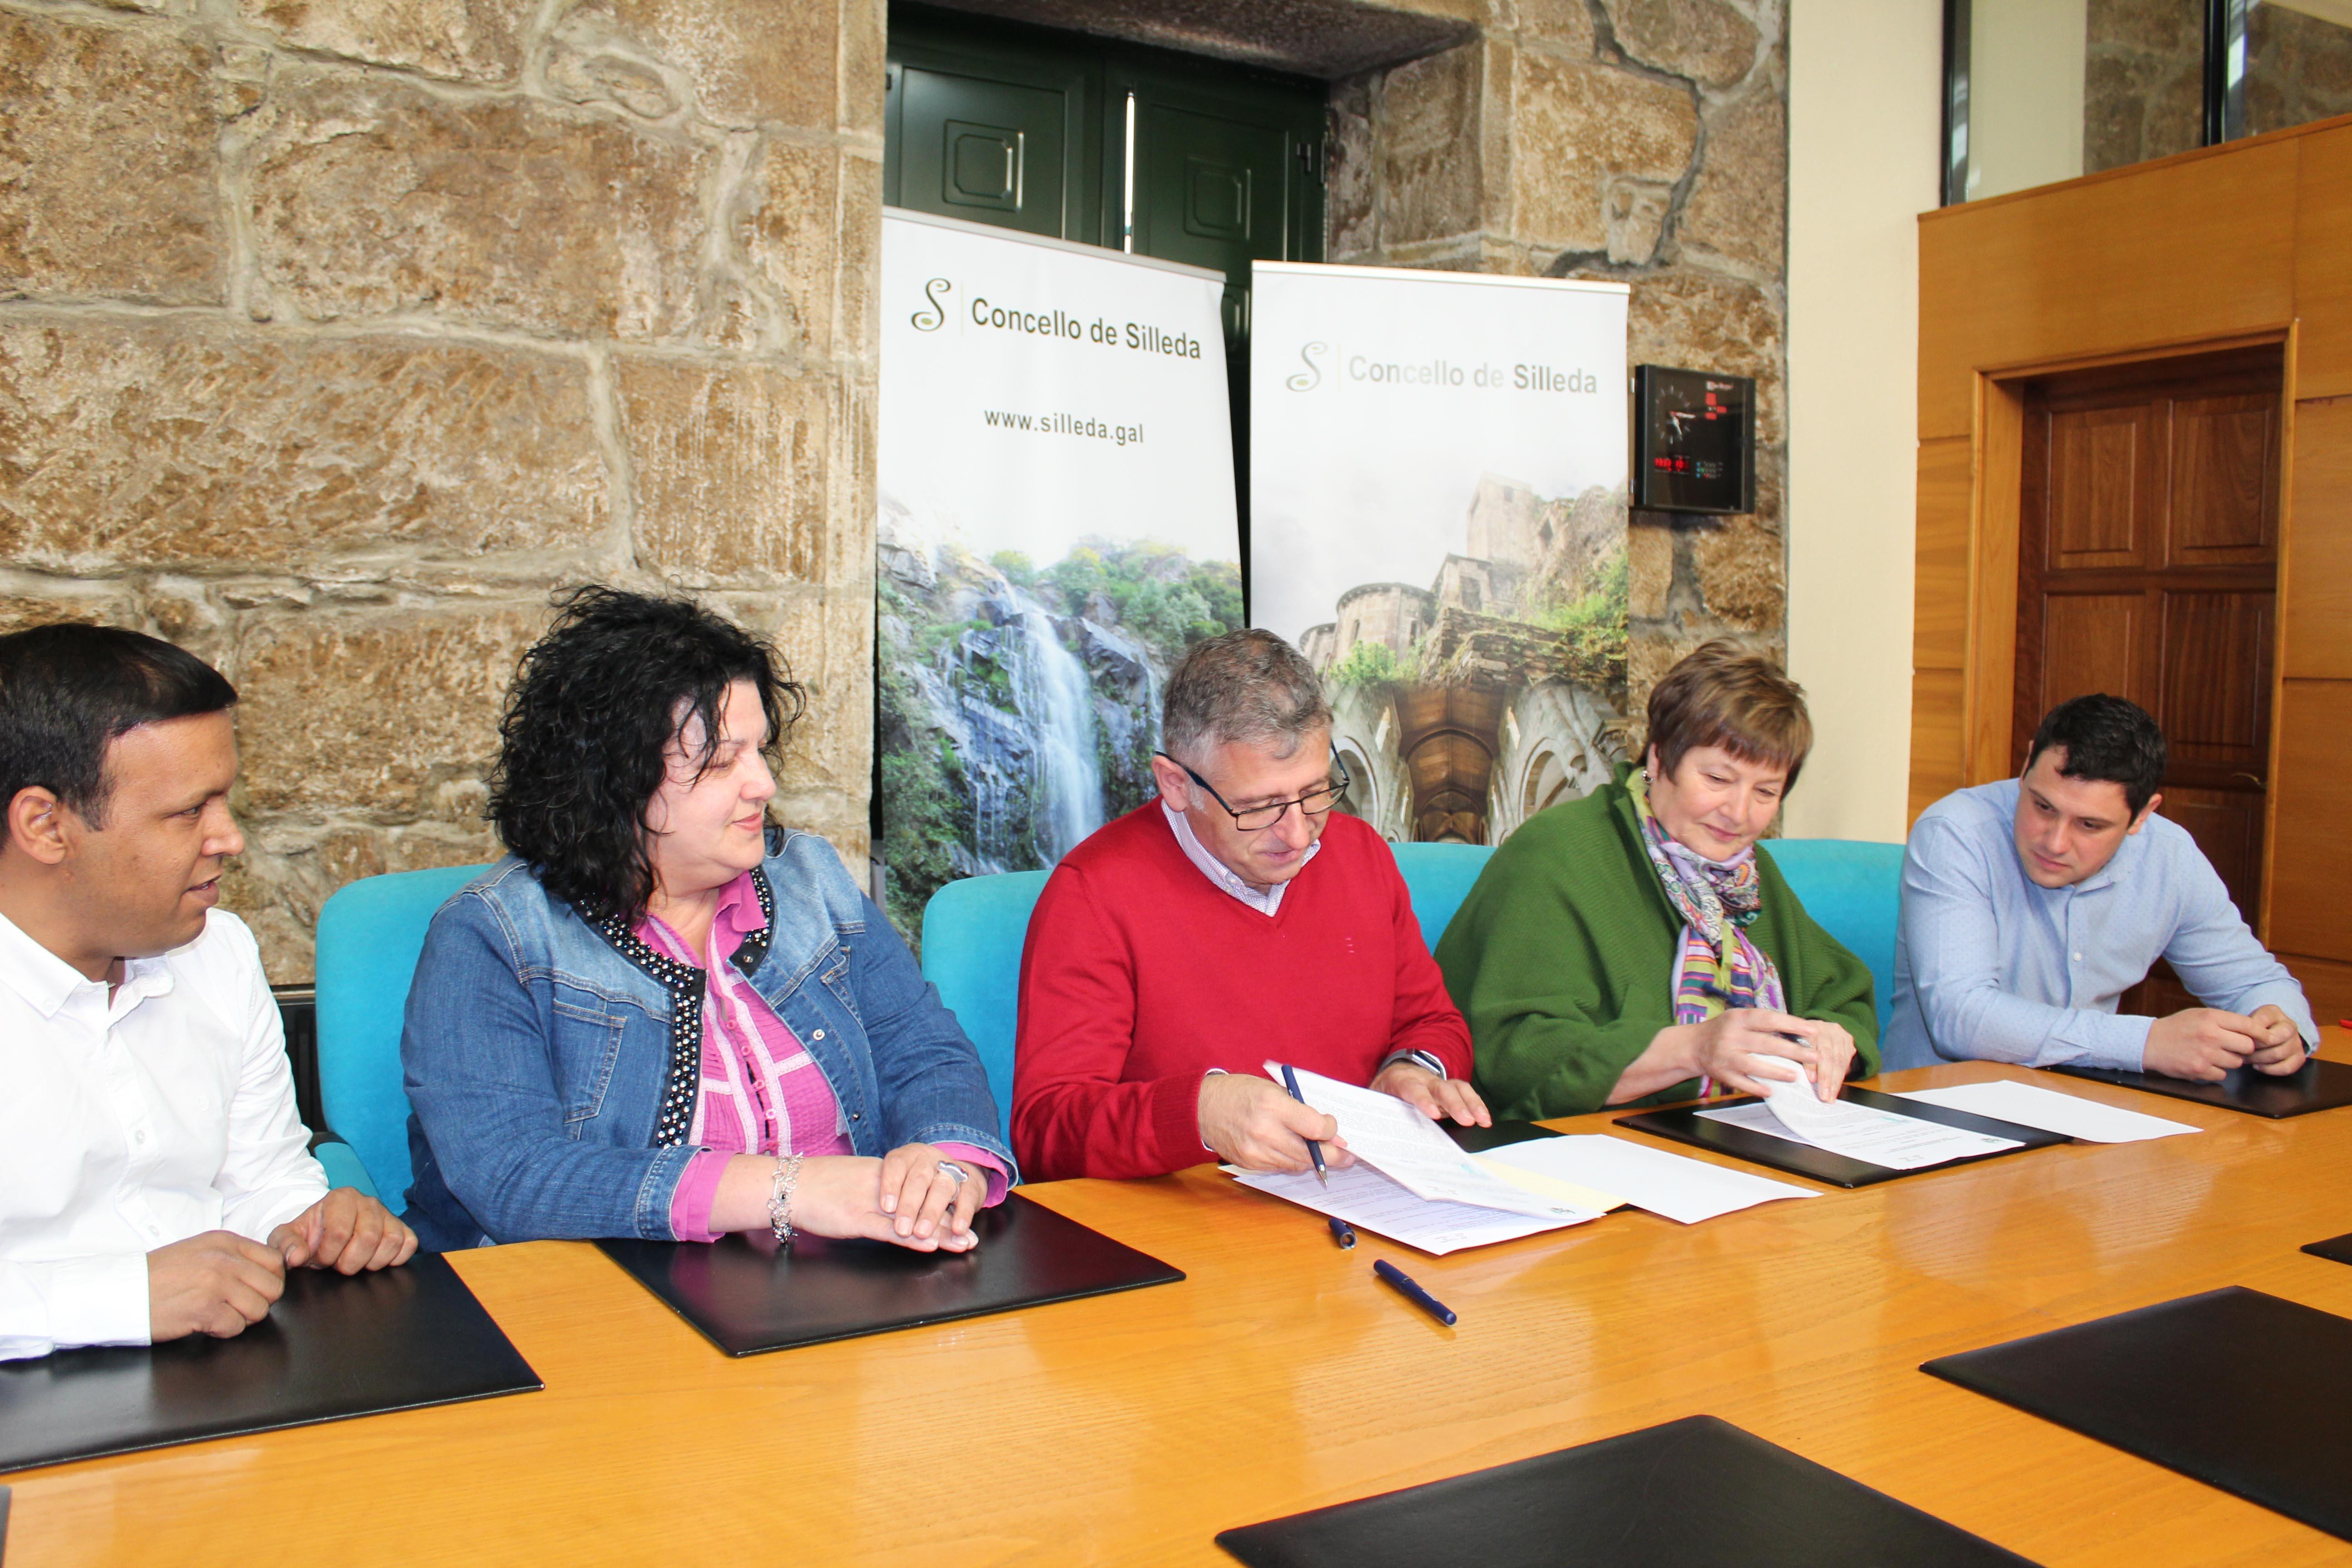 O Concello de Silleda amplia a colaboración coa Asociación Solidariedade Galega co Pobo Saharaui